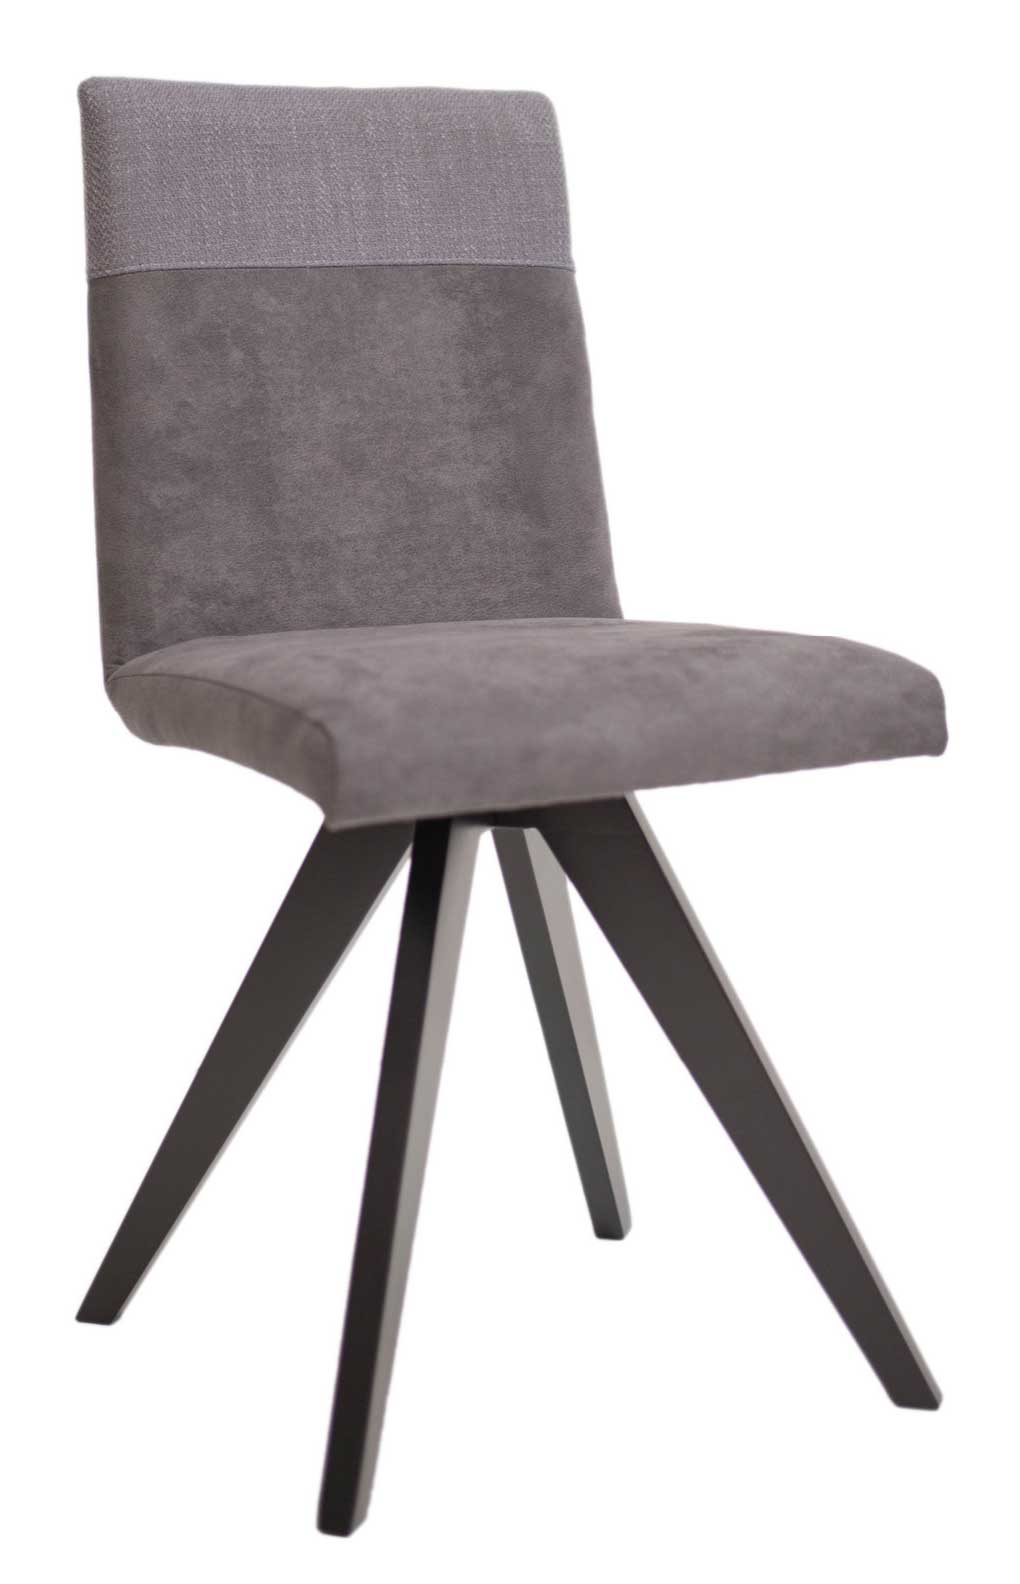 Standard Furniture Grenoble Polsterstuhl mit Spiderbeinen schwarz